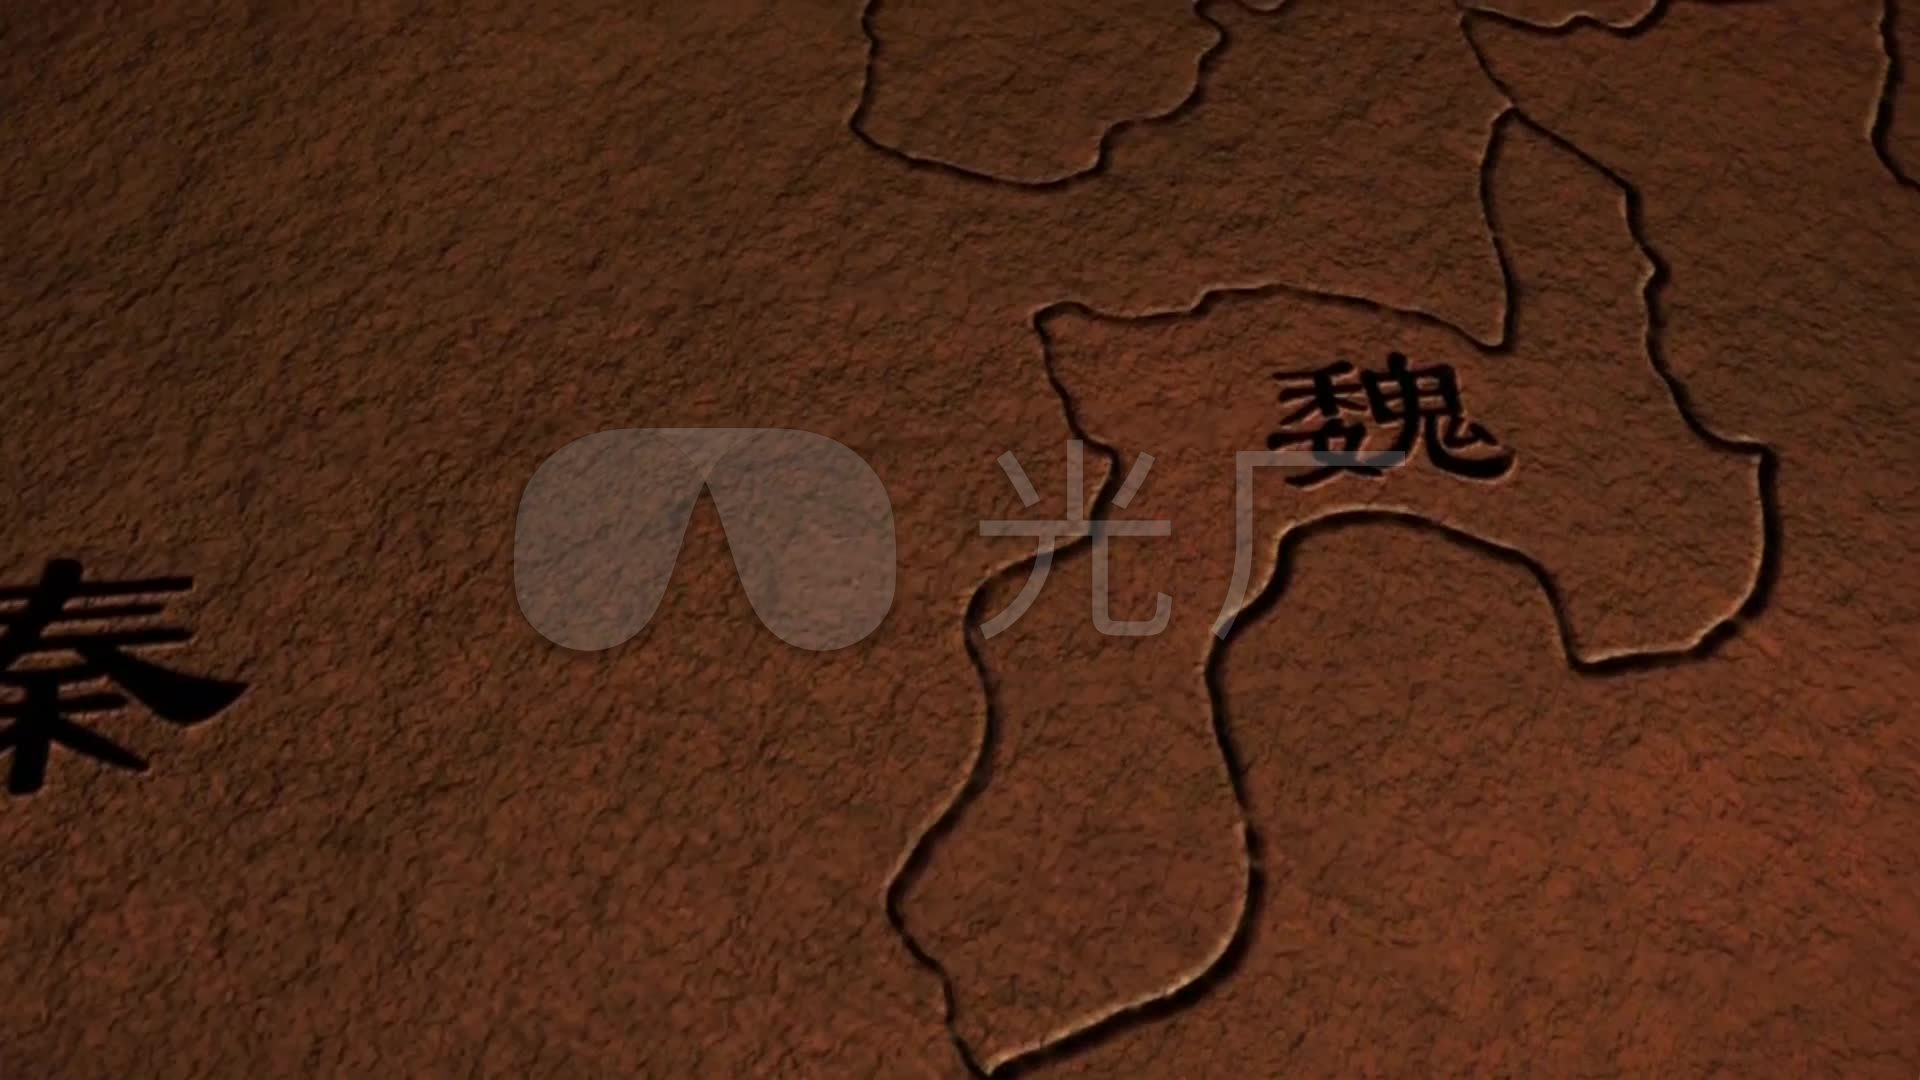 秦朝统一六国古代地图三维动画_1920X1080_